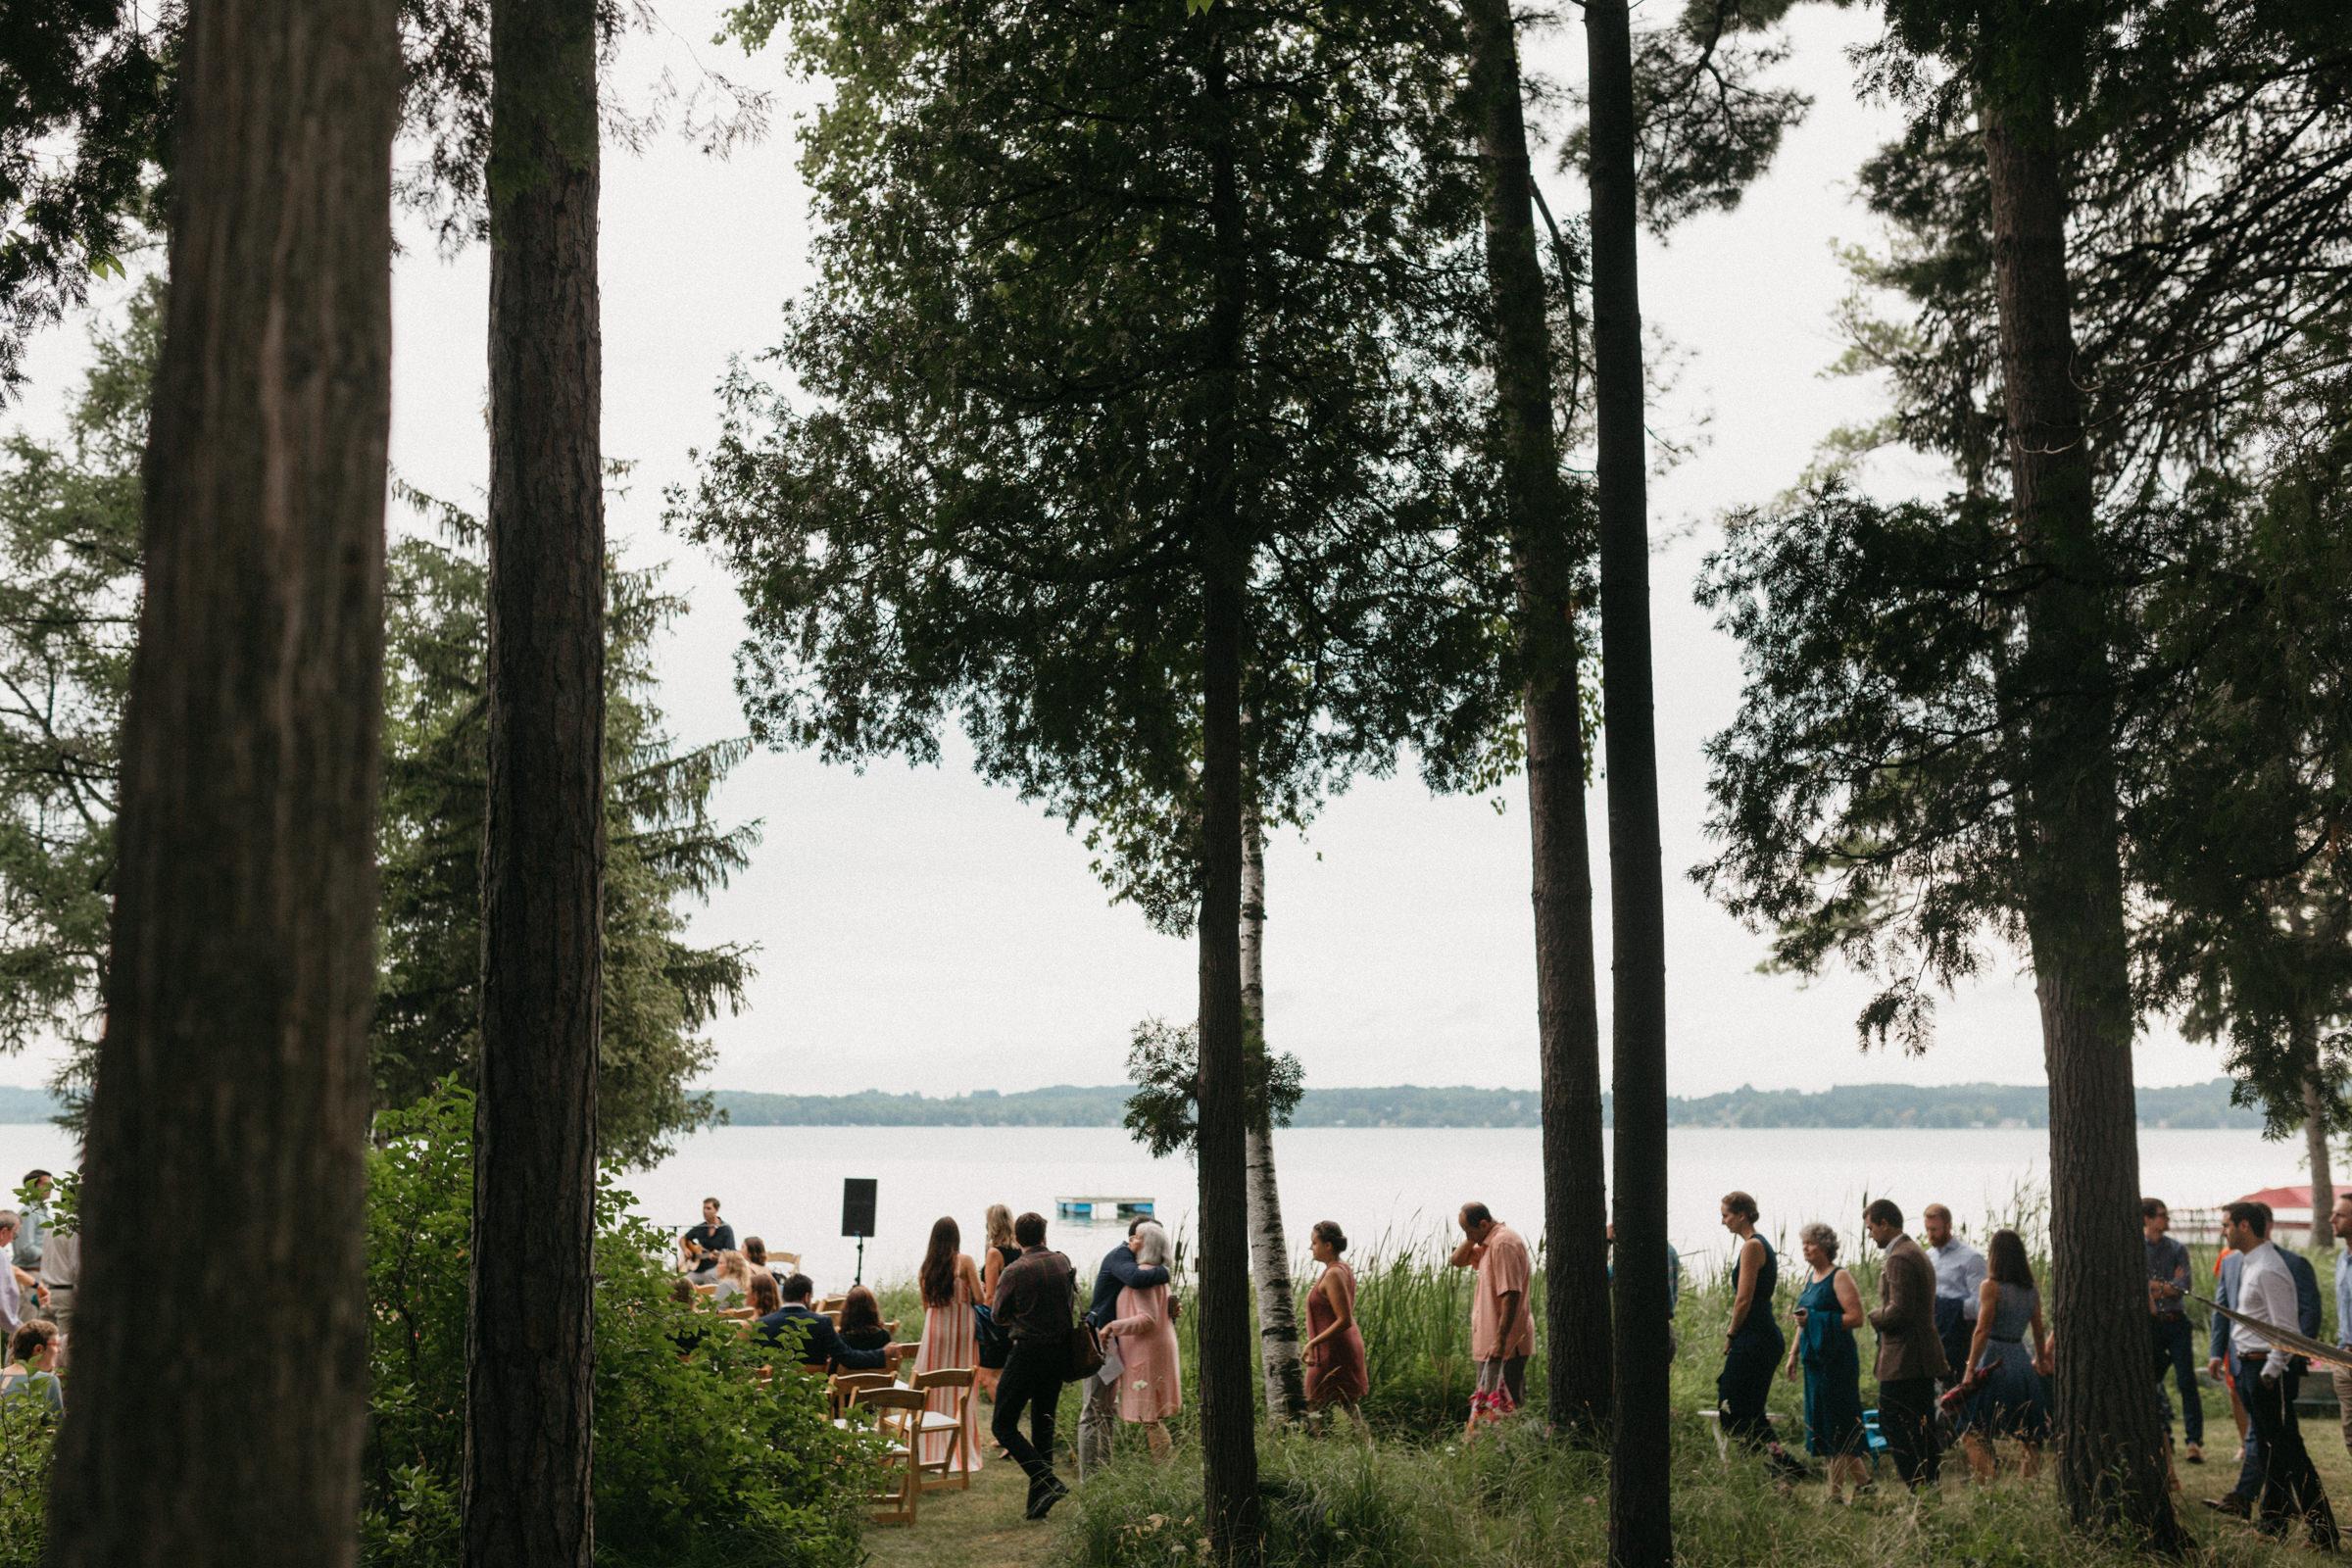 Lake_Michigan_wedding-17.jpg